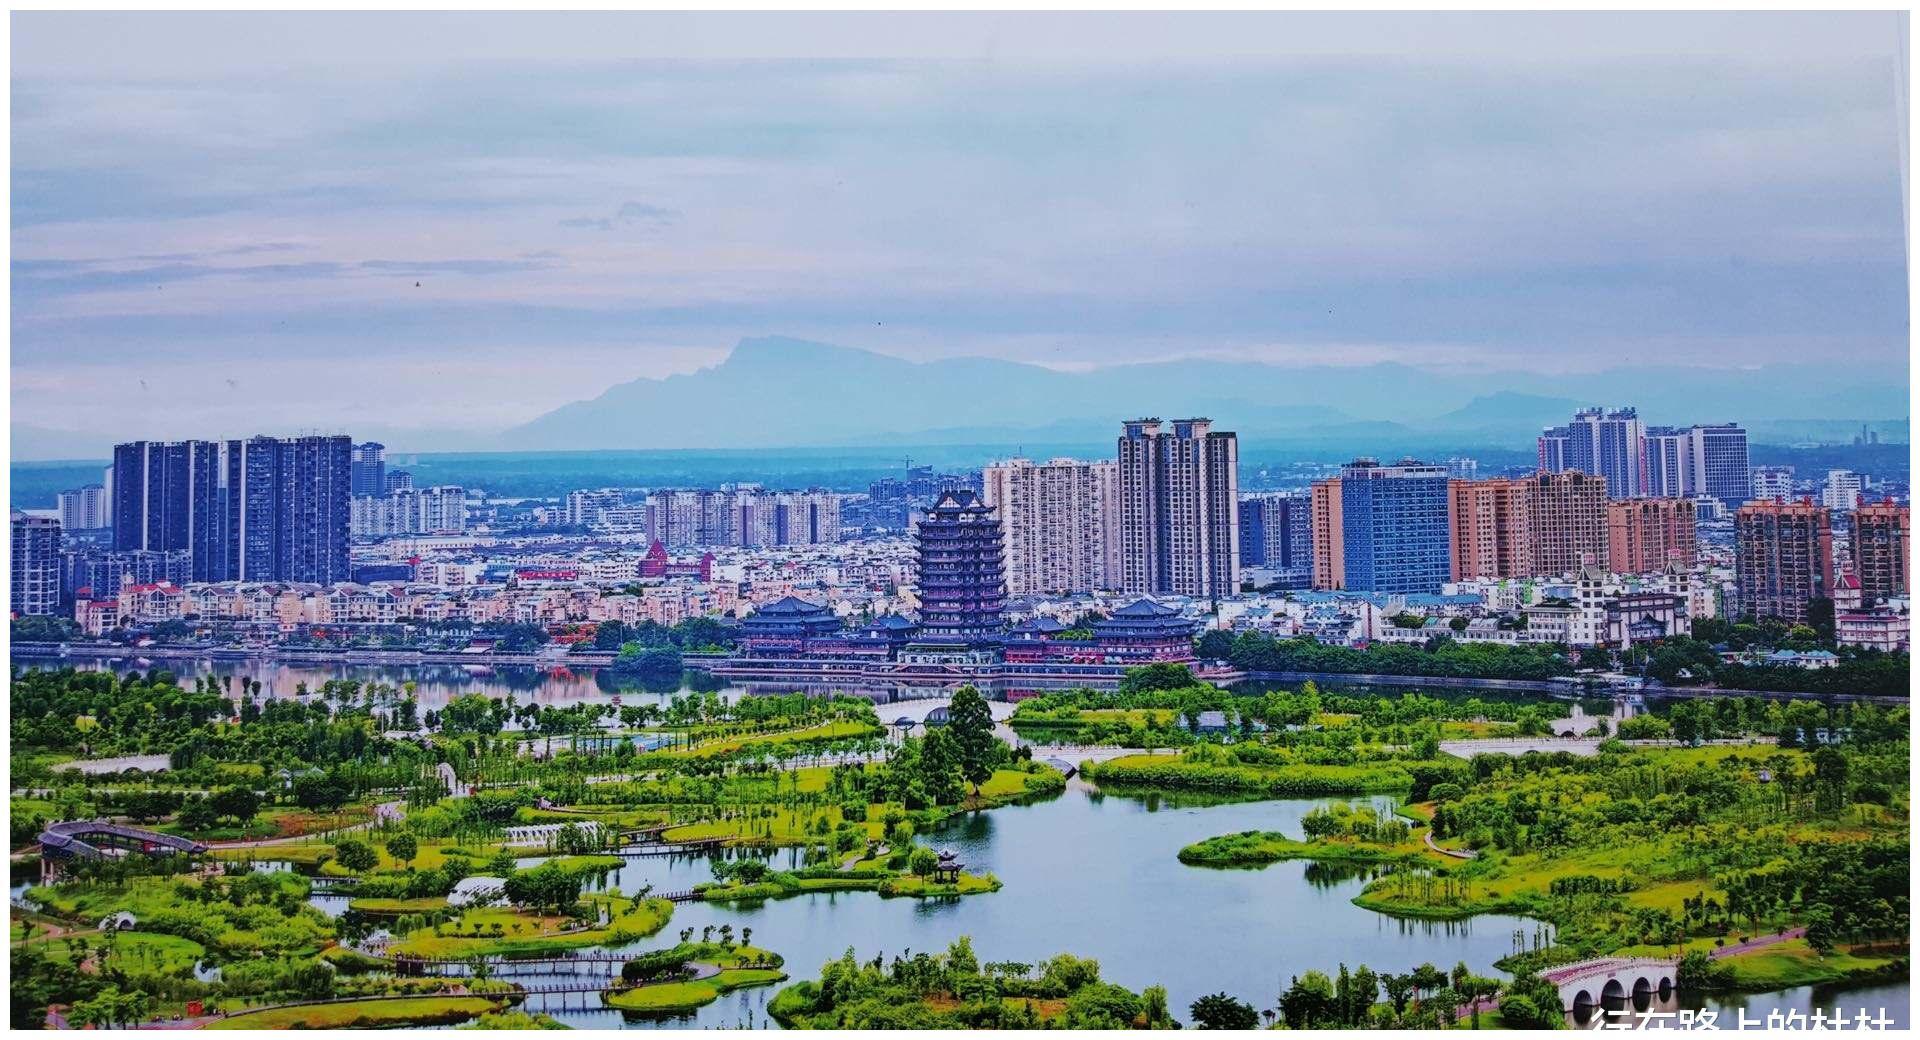 千载诗书城四川眉山,五大古镇,小众却拥有山水画般的风景